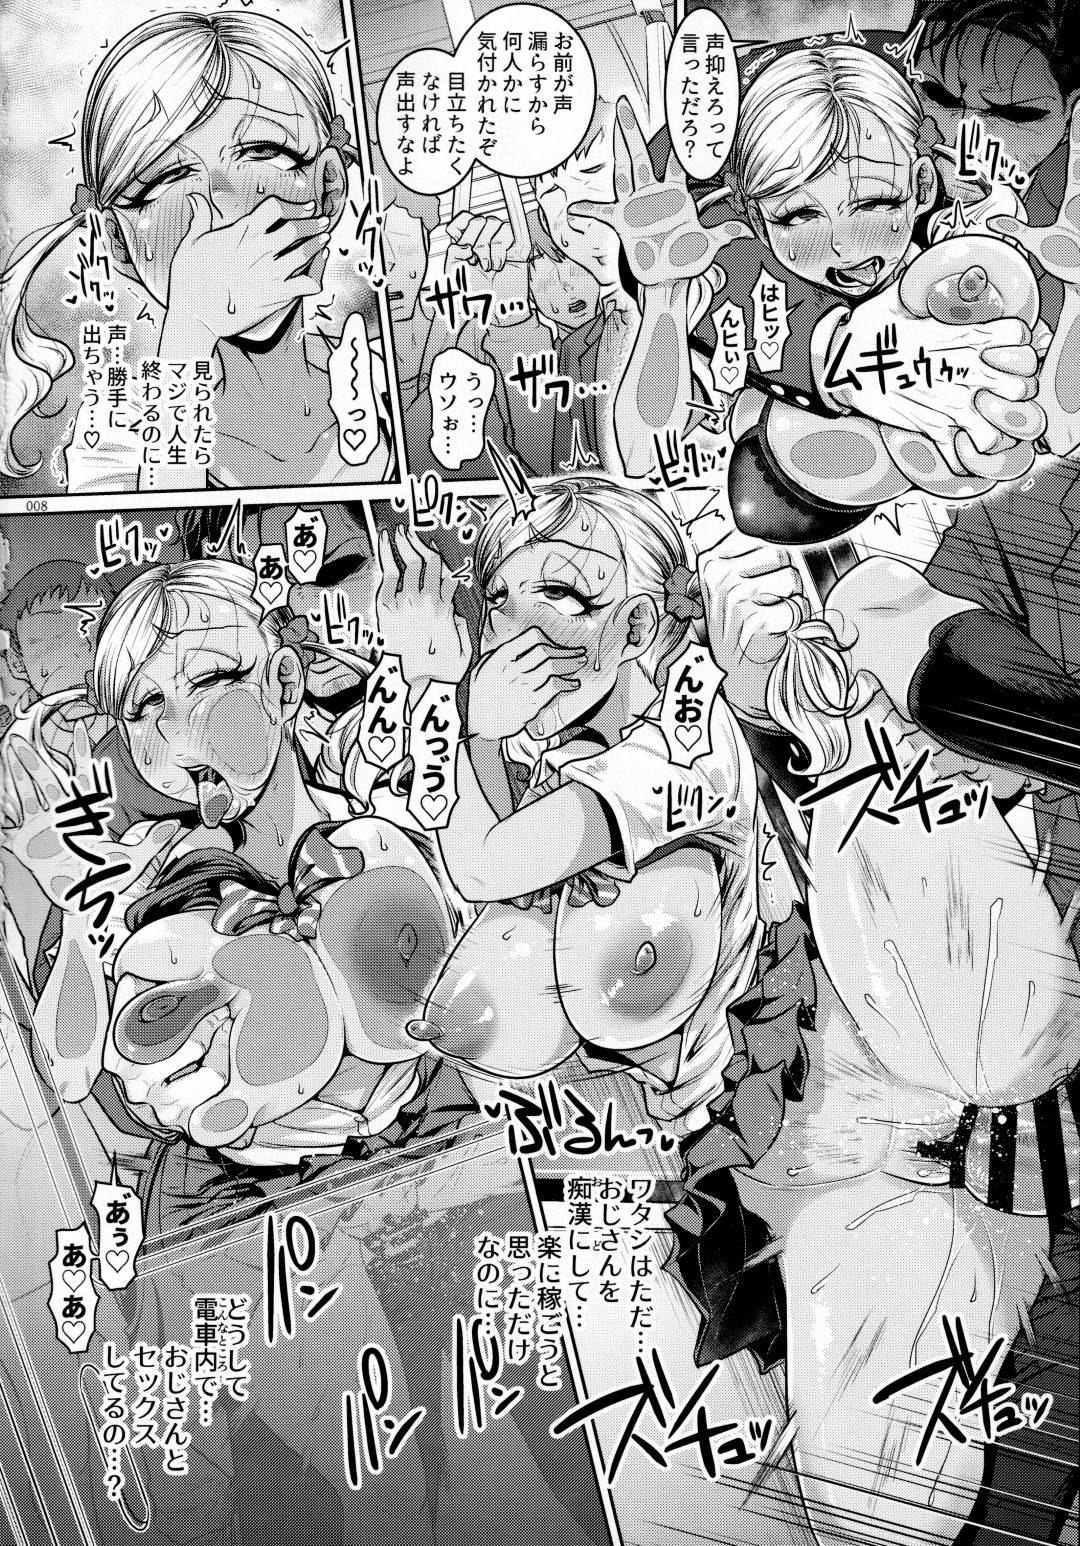 【エロ漫画】【エロ漫画】気弱で金持ちそうなオヤジに冤罪痴漢を仕掛ける黒ギャルJK…オヤジの逆鱗に触れてしまい電車内で拘束手マンでイカされ大量潮吹きしてしまう!【棘棘:世直しおじさんVS痴漢冤罪黒ギャルJK】